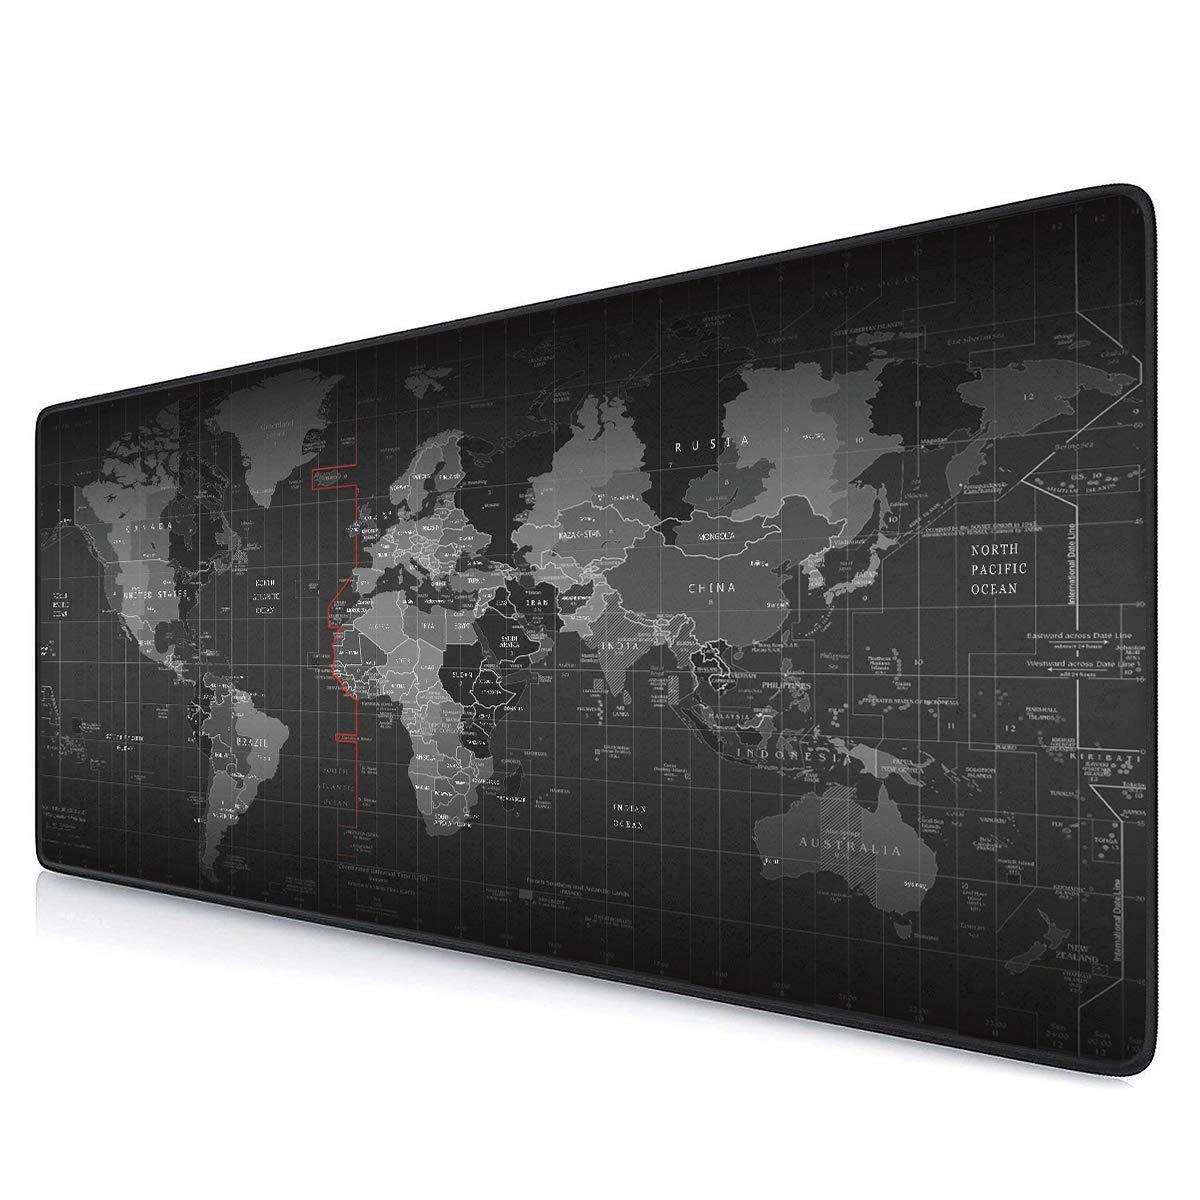 Wantu 大型ゲーム用マウスパッド 丈夫なステッチエッジの拡張マウスパッド デスクカバー コンピュータキーボード PC ノートパソコンに最適 B07KPBBK1M ワールドマップ(World Map)  ワールドマップ(World Map)